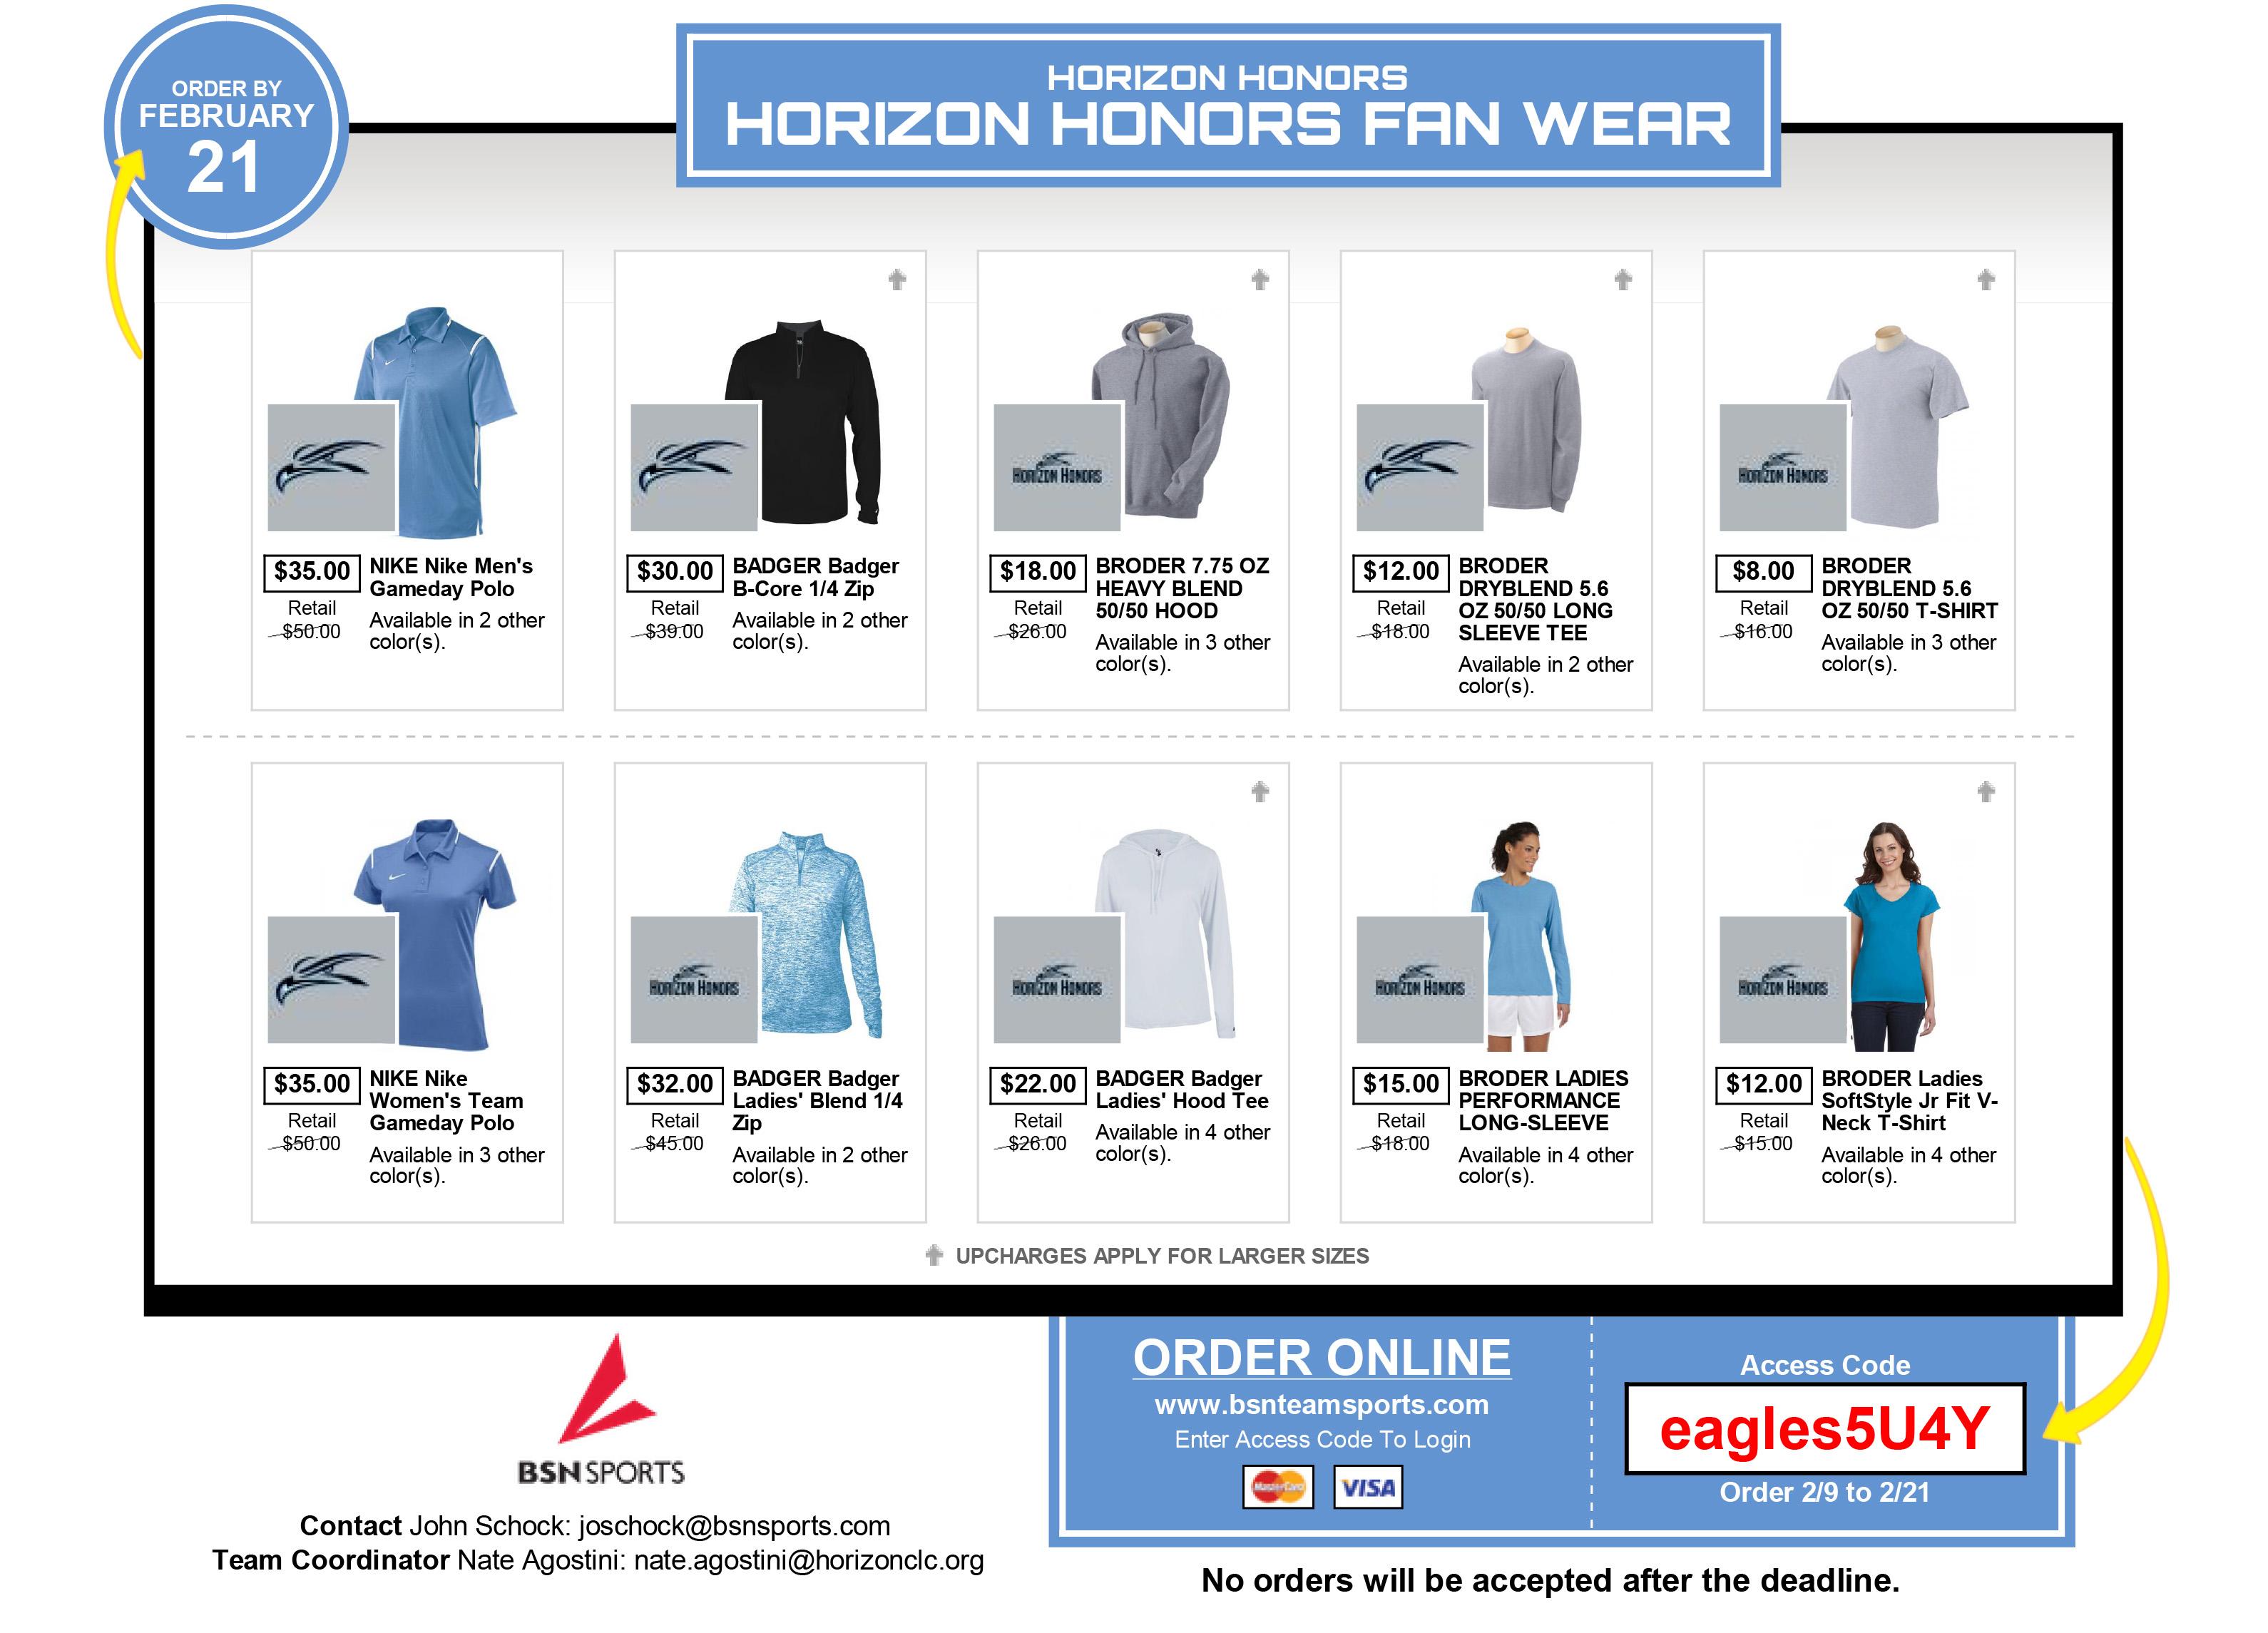 Horizon-Honors-Fan-Wear-HORIZON-HONORS-1.jpg